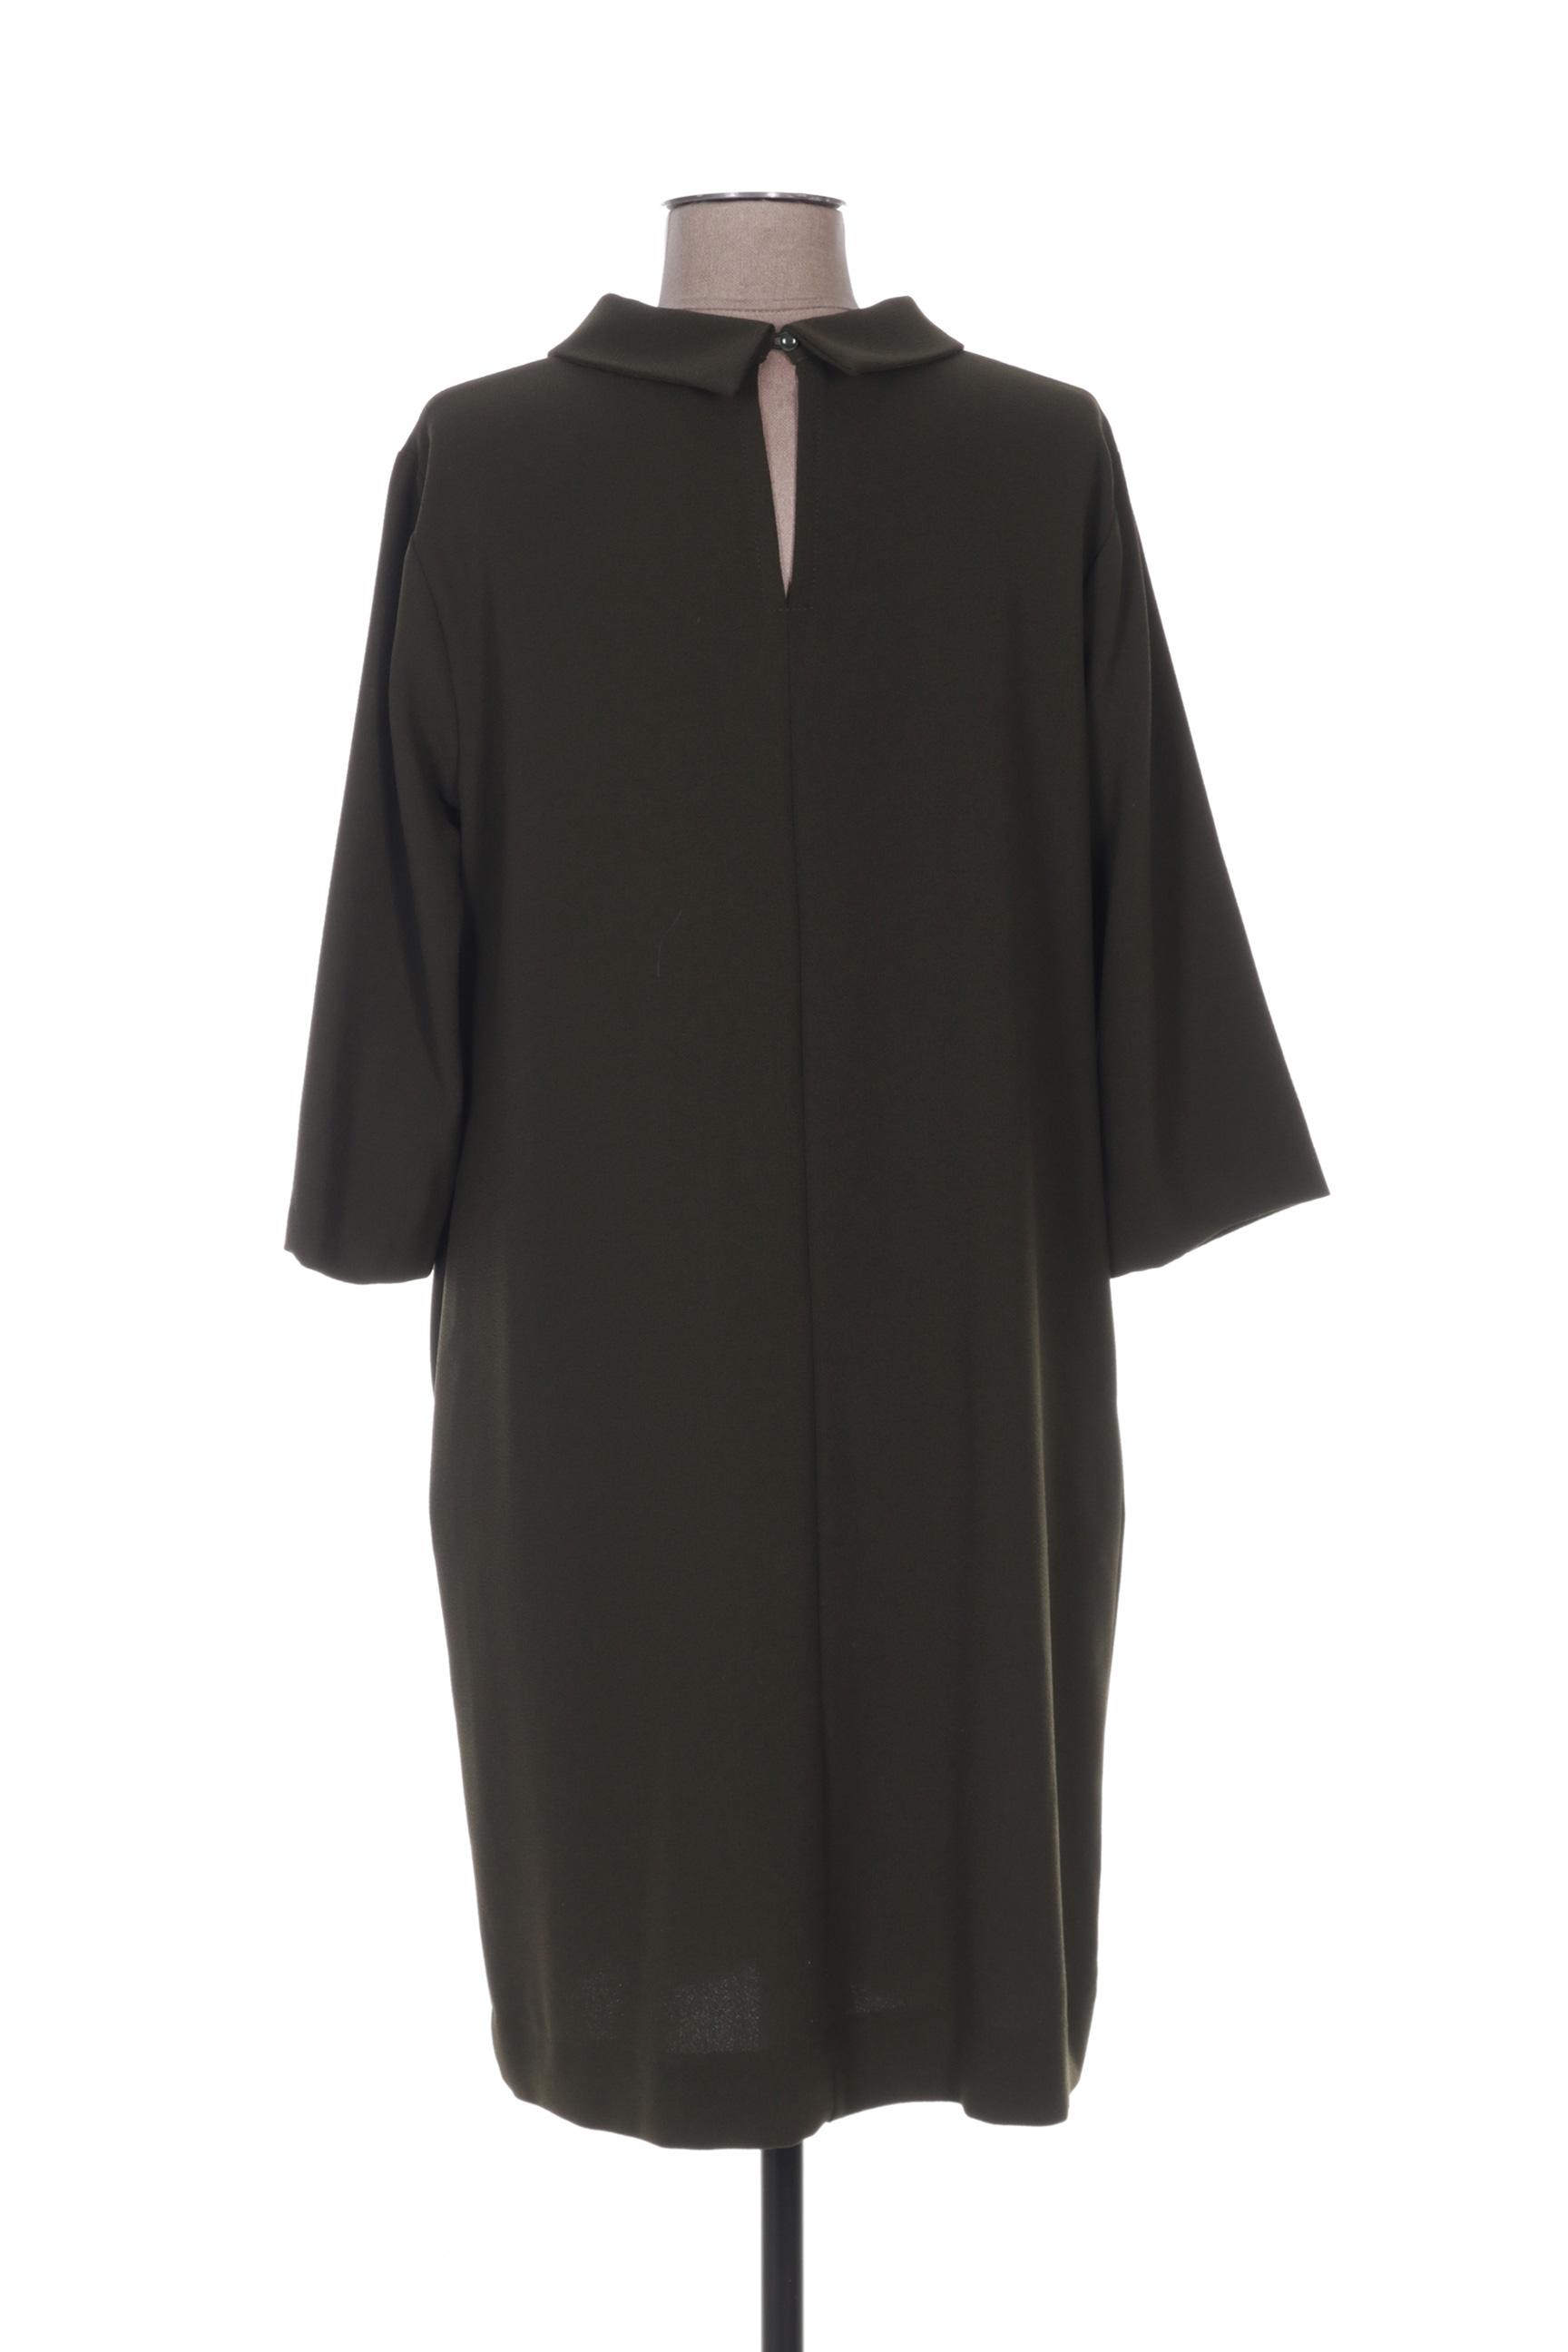 Ottod Ame Robes Mi Longues Femme De Couleur Vert En Soldes Pas Cher 1269958-vert00